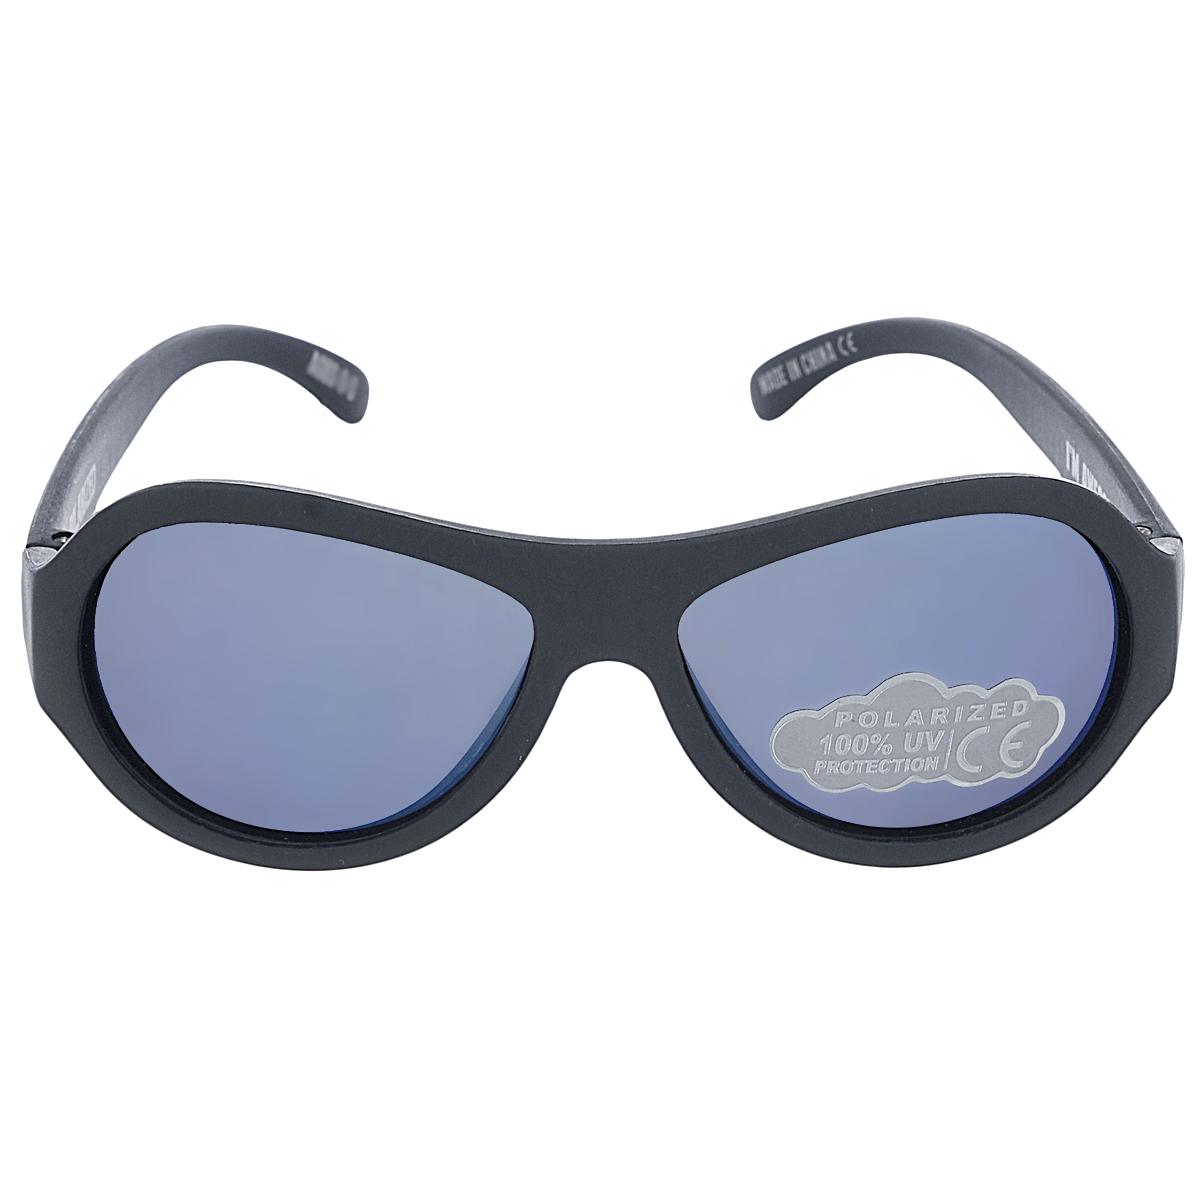 Детские солнцезащитные очки Babiators Спецназ (Black Ops), поляризационные, с футляром, цвет: черный, 0-3 летBAB-049Защита глаз всегда в моде. Вы делаете все возможное, чтобы ваши дети были здоровы и в безопасности. Шлемы для езды на велосипеде, солнцезащитный крем для прогулок на солнце... Но как насчёт влияния солнца на глазах вашего ребёнка? Правда в том, что сетчатка глаза у детей развивается вместе с самим ребёнком. Это означает, что глаза малышей не могут отфильтровать УФ-излучение. Добавьте к этому тот факт, что дети за год получают трёхкратную дозу солнечного воздействия на взрослого человека (доклад Vision Council Report 2013, США). Проблема понятна - детям нужна настоящая защита, чтобы глазки были в безопасности, а зрение сильным. Каждая пара солнцезащитных очков Babiators для детей обеспечивает 100% защиту от UVA и UVB. Прочные линзы высшего качества не подведут в самых сложных переделках. В отличие от обычных пластиковых очков, оправа Babiators выполнена из гибкого прорезиненного материала, что делает их ударопрочными, их можно сгибать и крутить - они не сломаются и вернутся в...